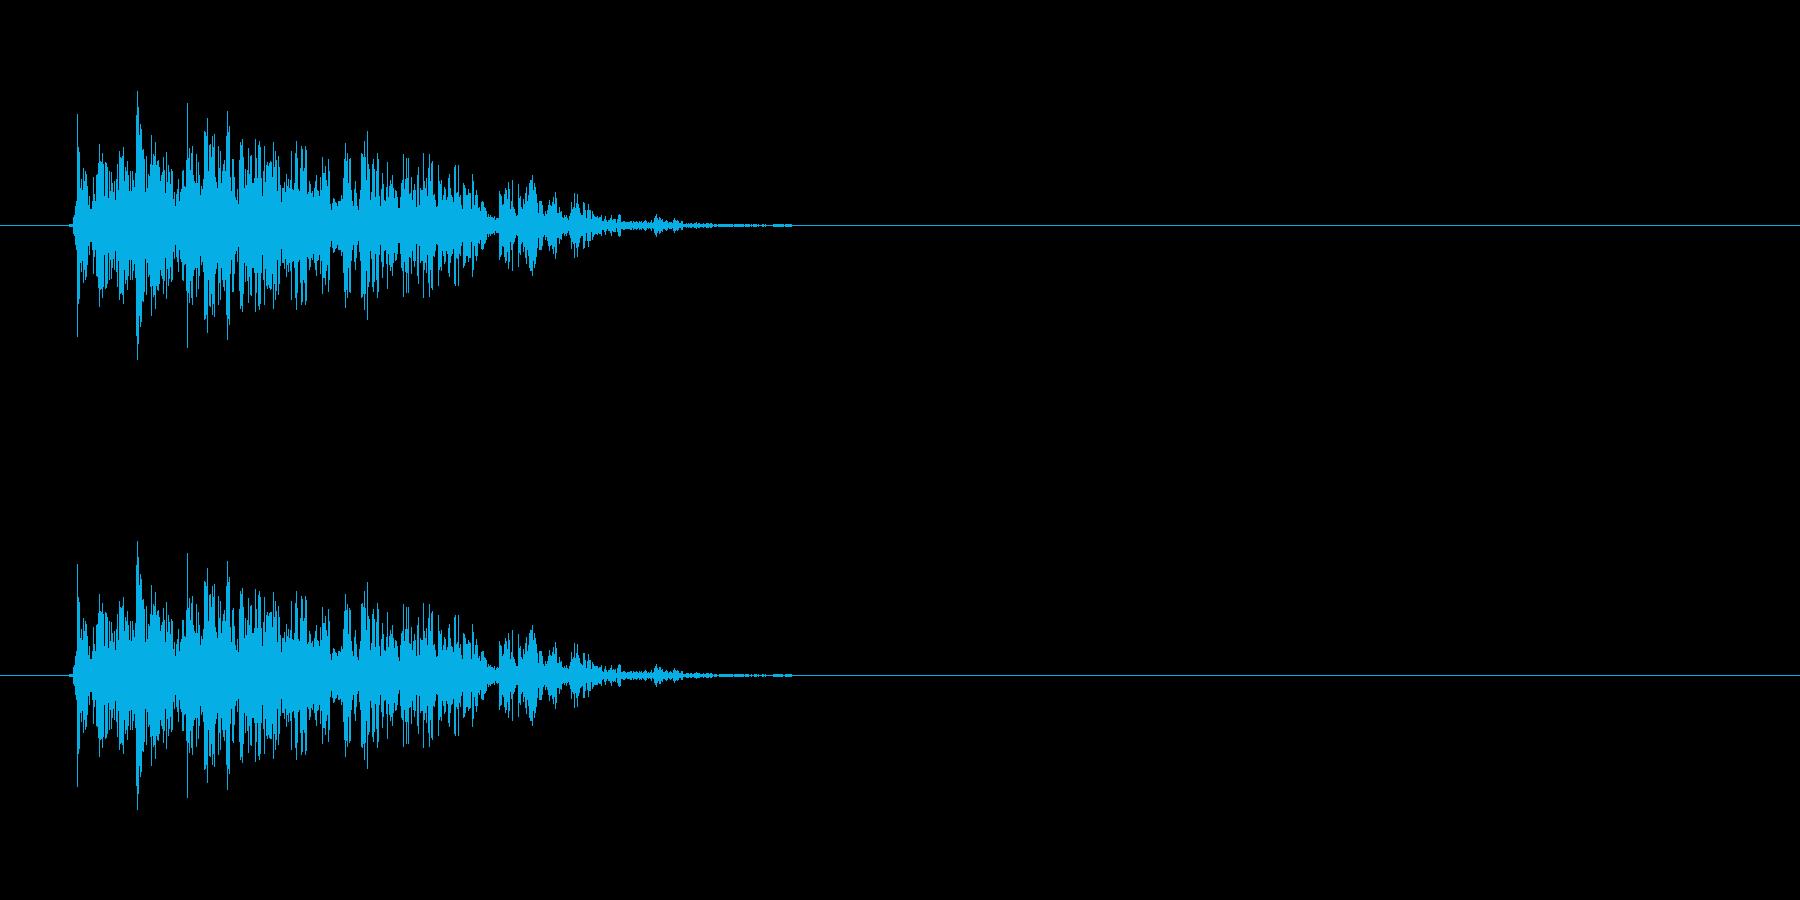 【ブーブークッション01-1】の再生済みの波形